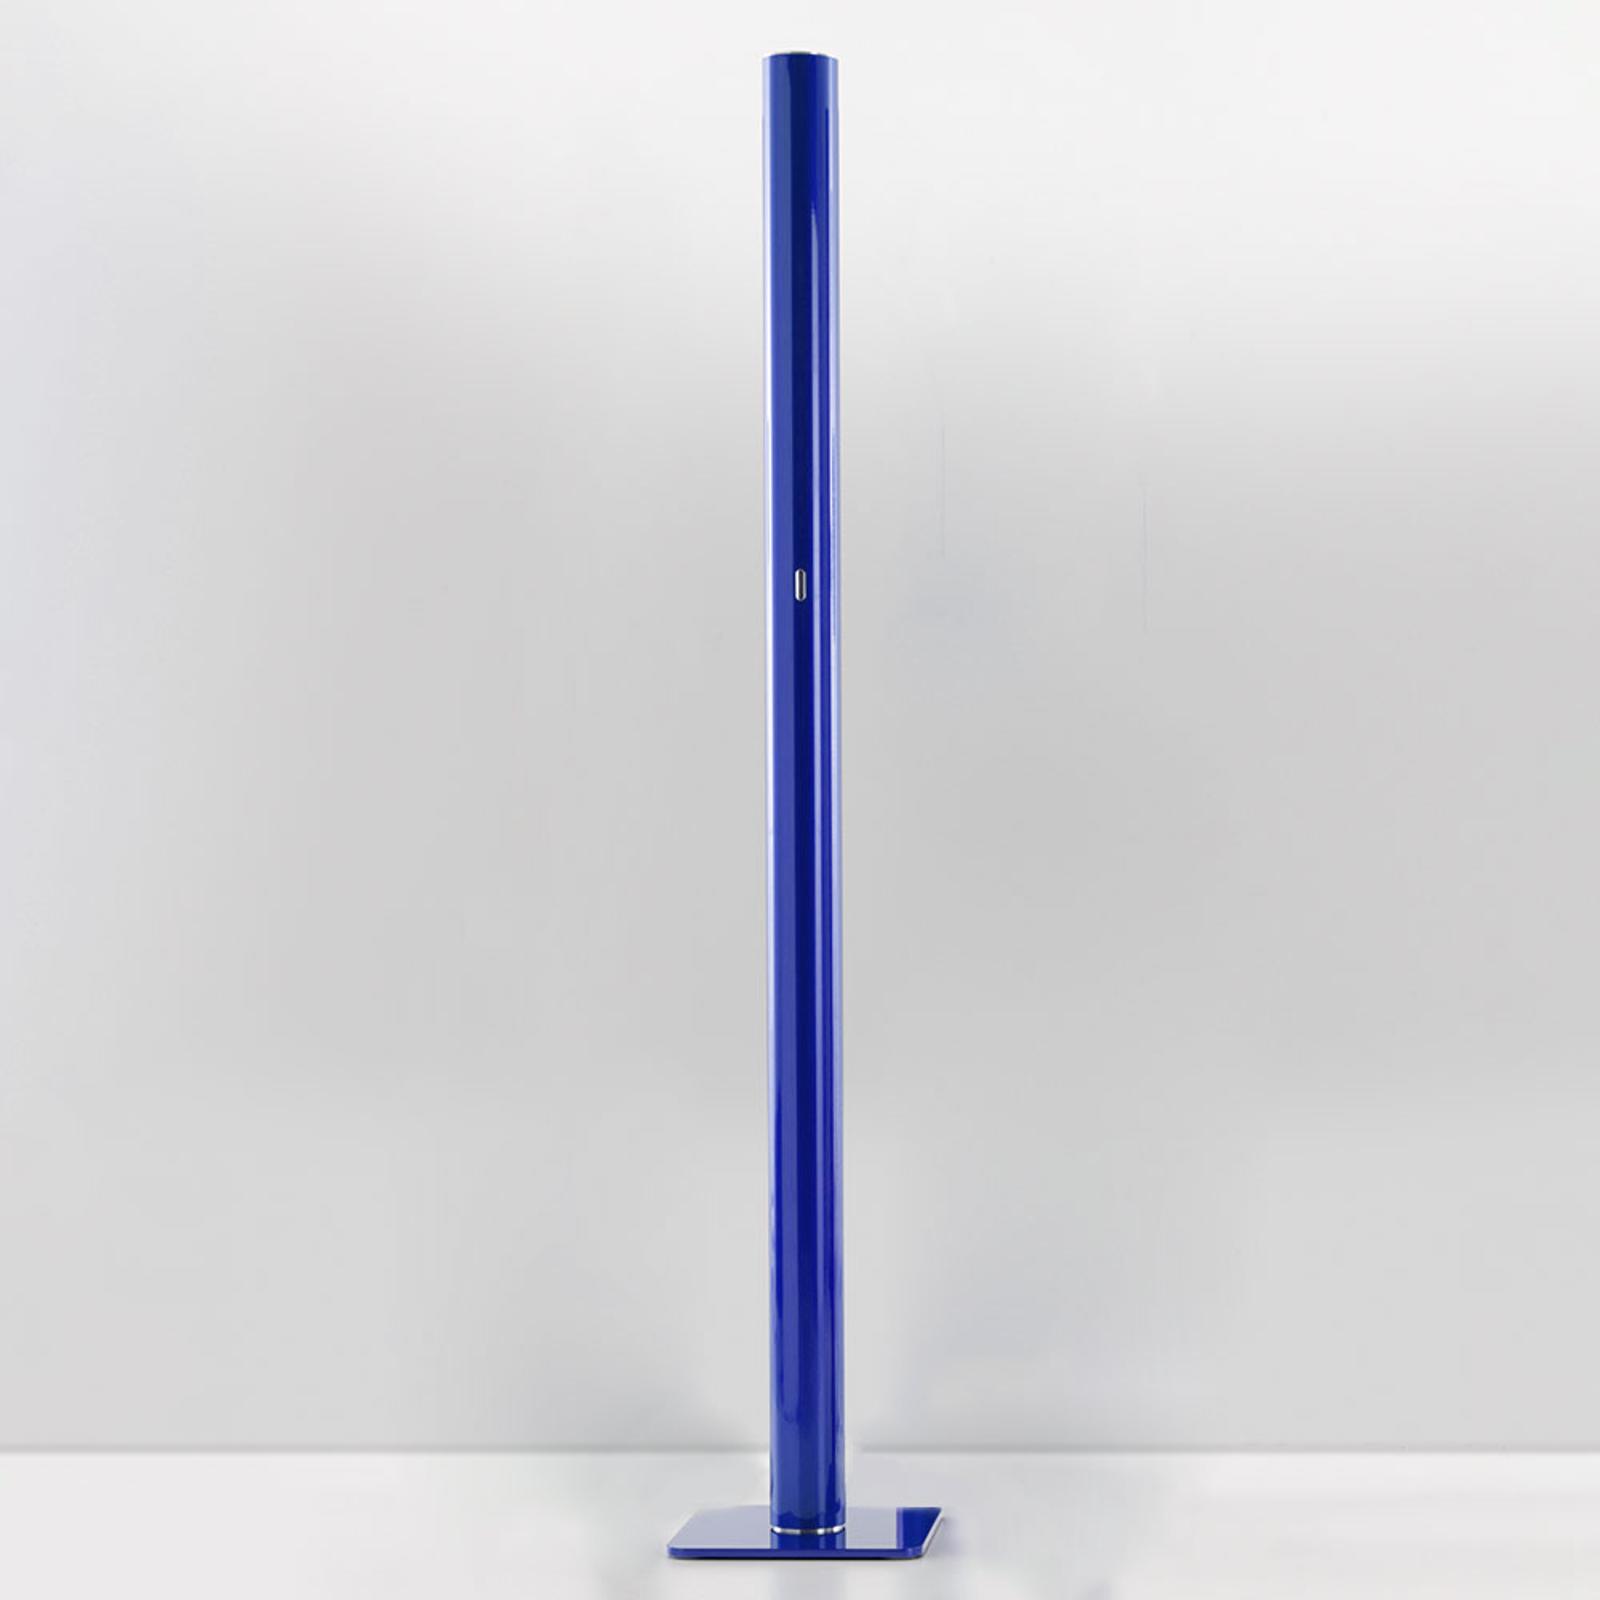 Artemide Ilio LED-lattiavalo sovell. sininen 2700K